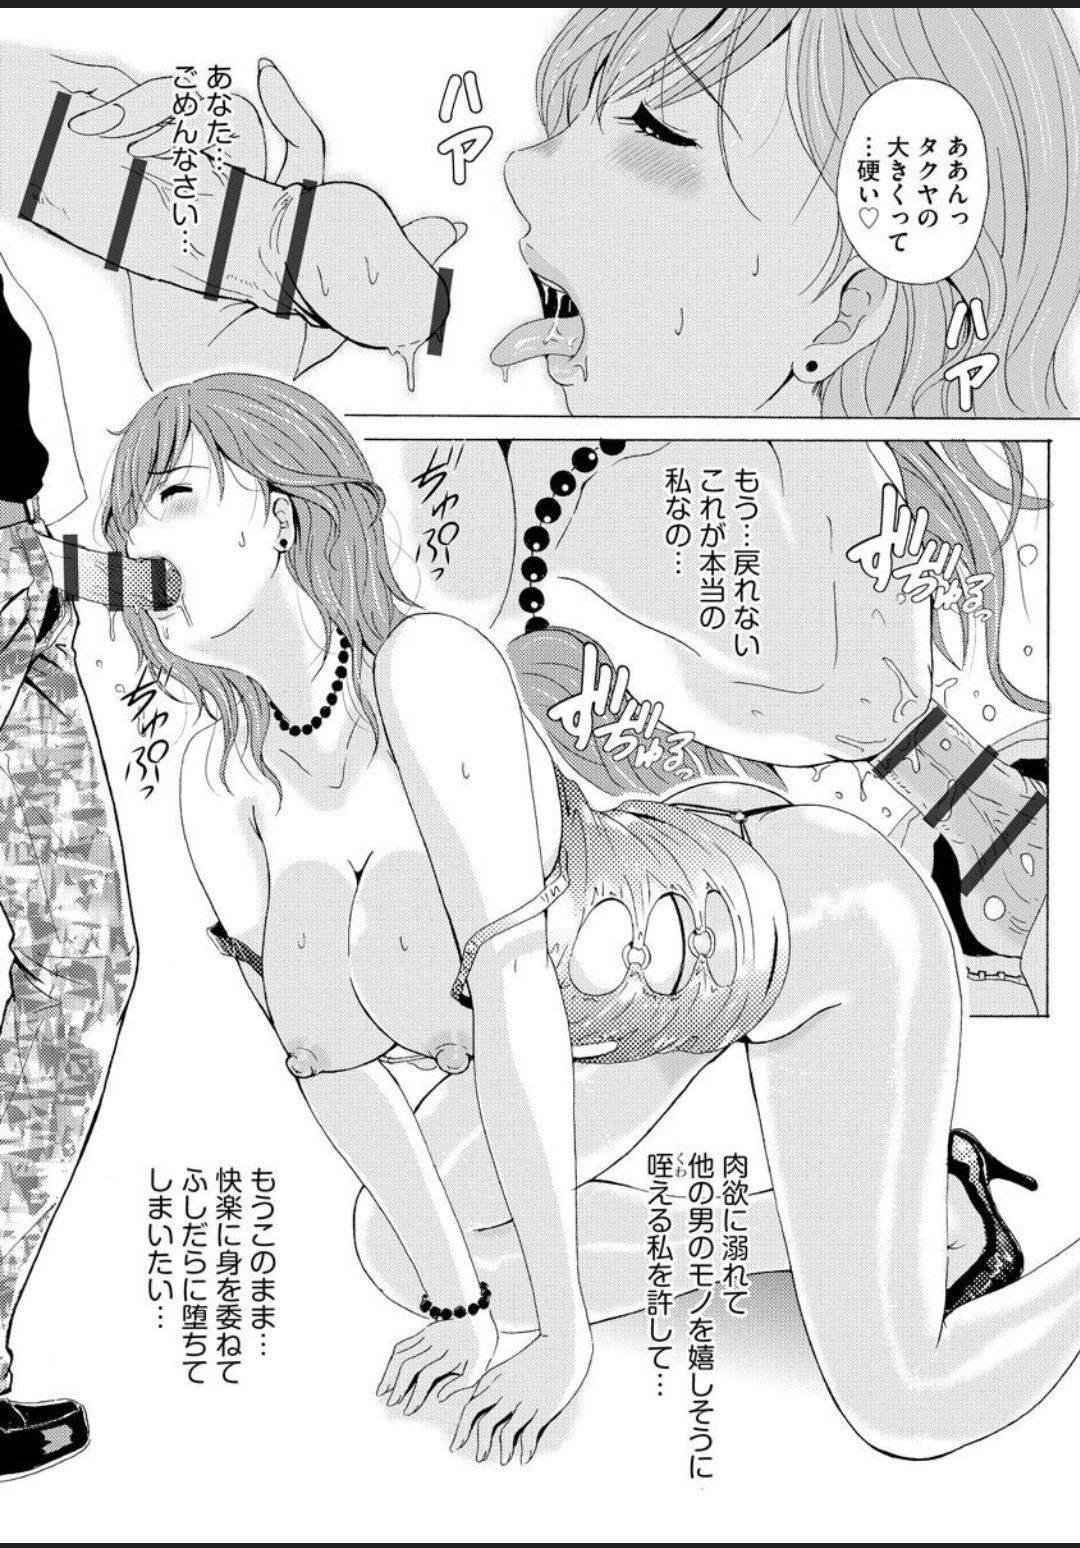 【エロ漫画】ミニスカボディコン不倫な専業主婦…フェラしたり乳首責めされたりディープキスして中出しセックスされちゃう!【Bell's:60D 〜専業主婦令奈のミニスカボディコン不倫】